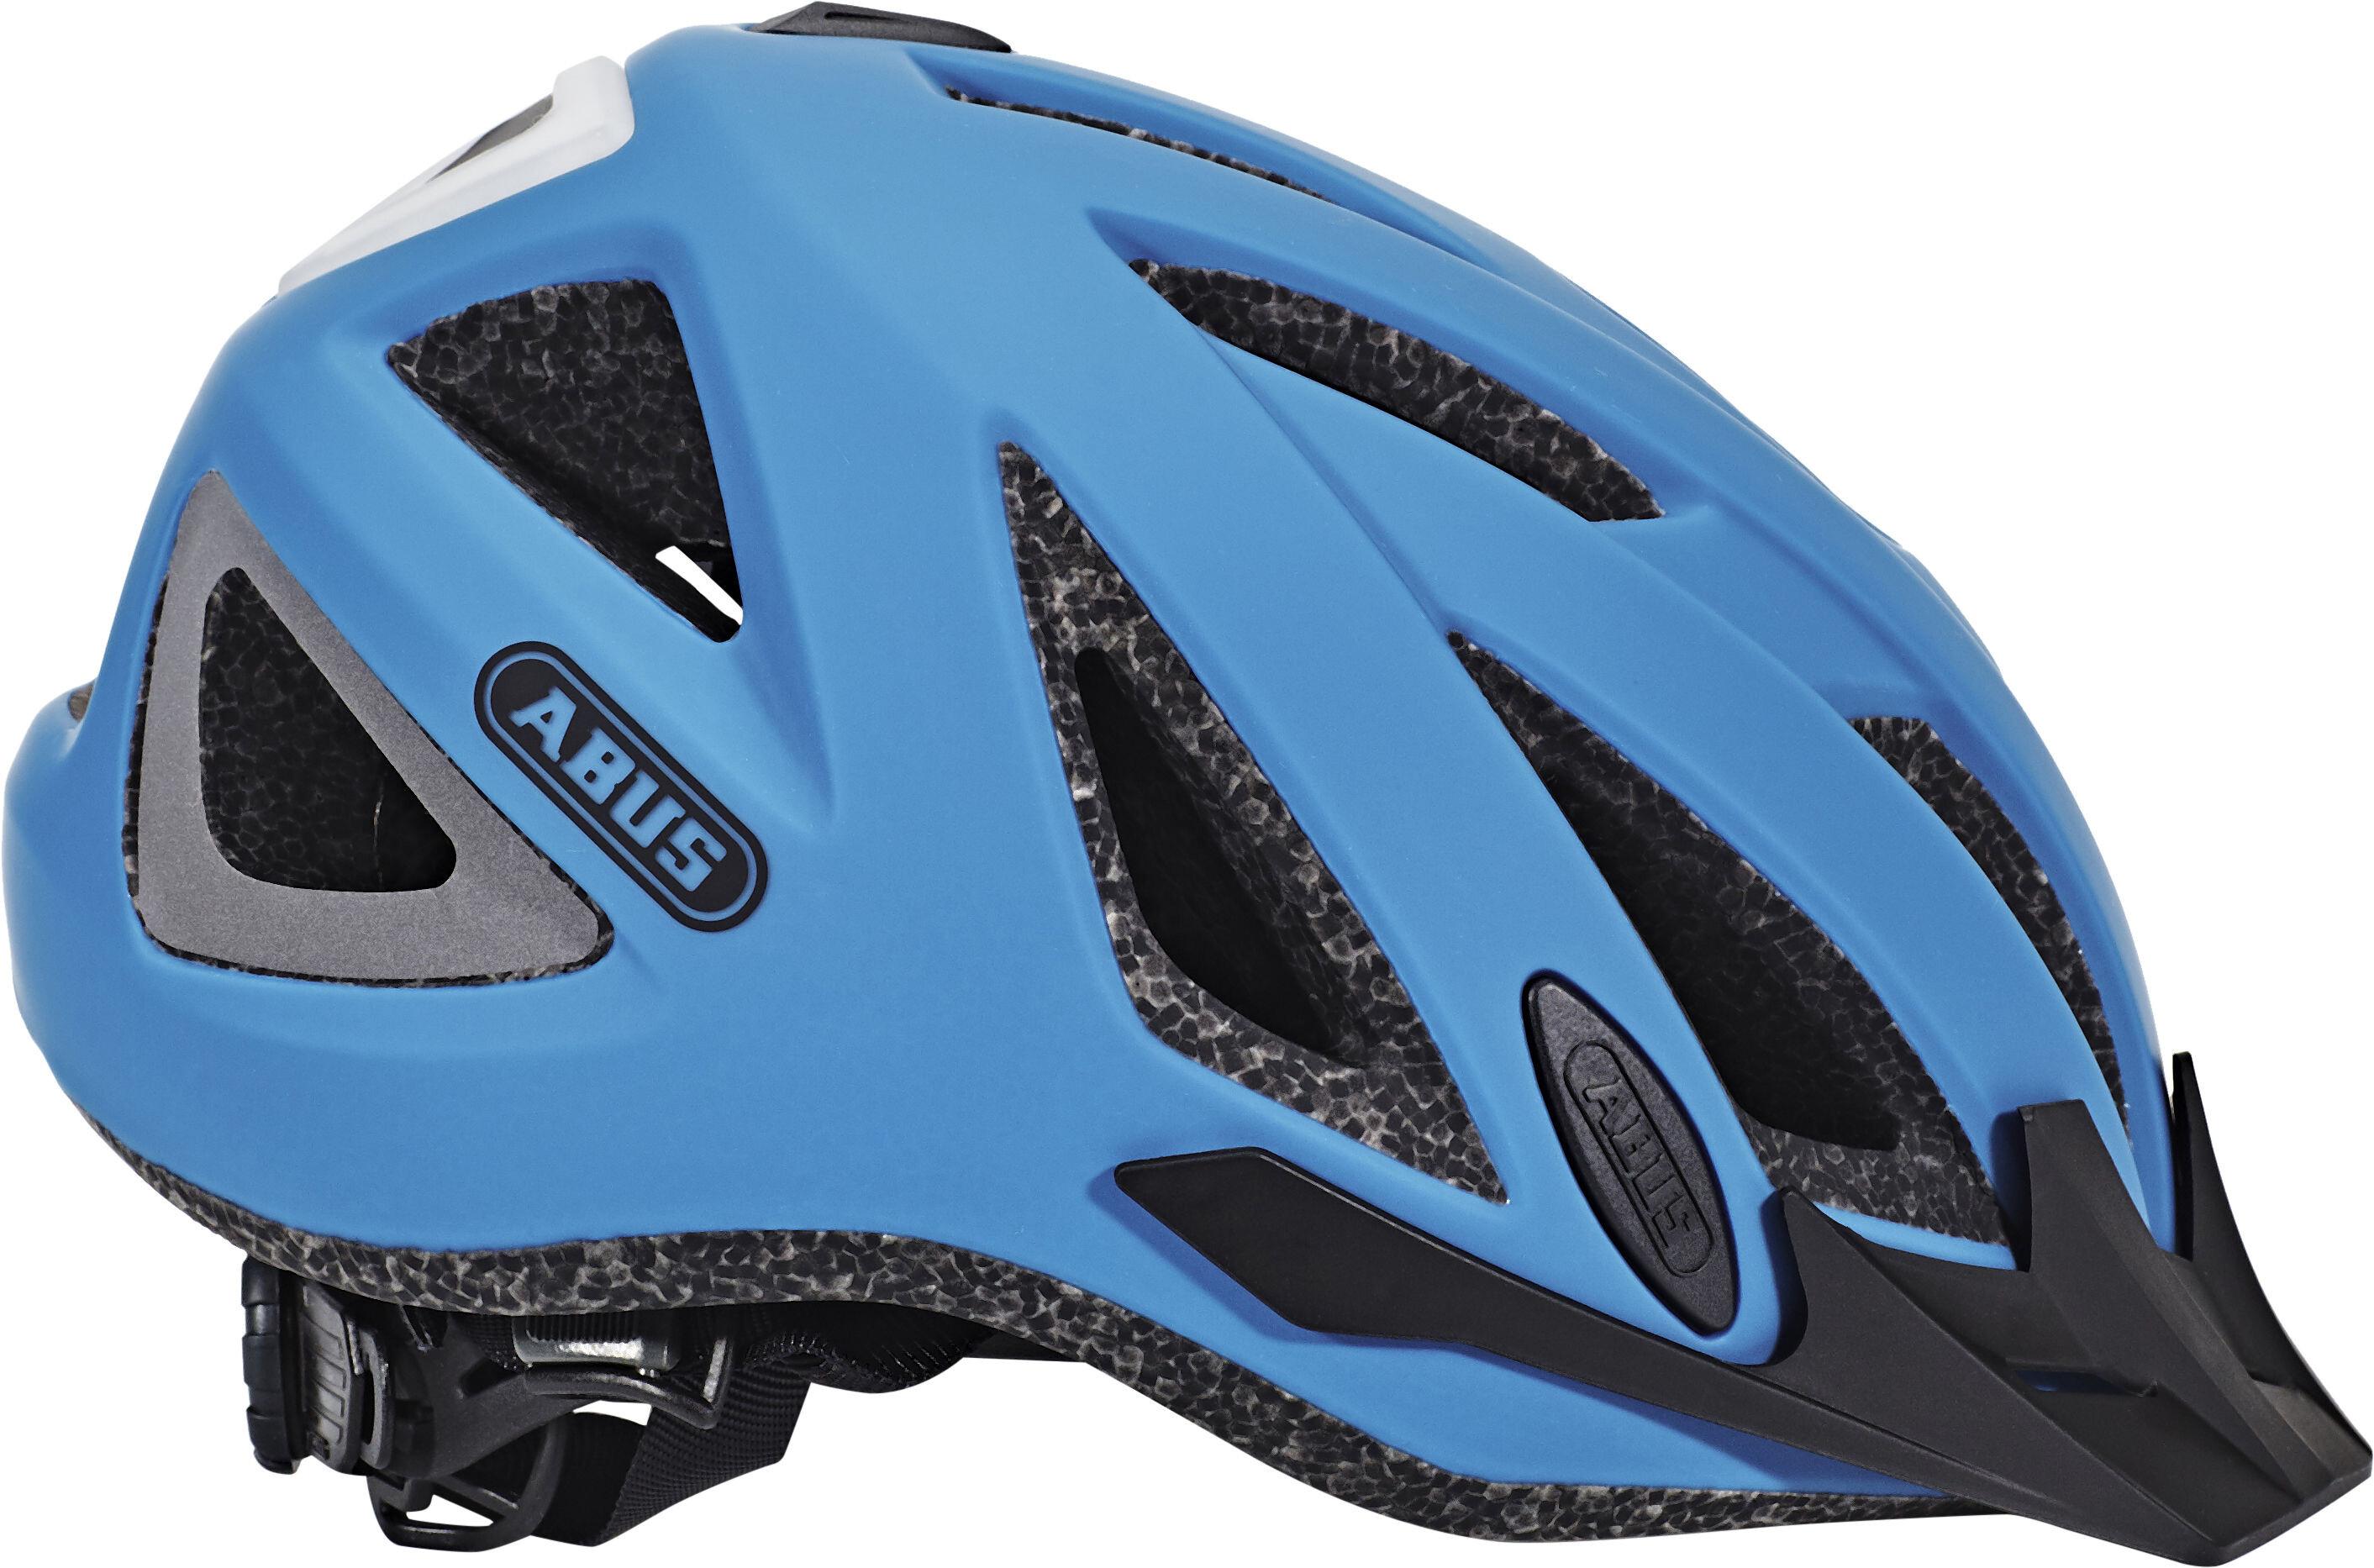 abus urban i 2 0 casco per bici blu su. Black Bedroom Furniture Sets. Home Design Ideas